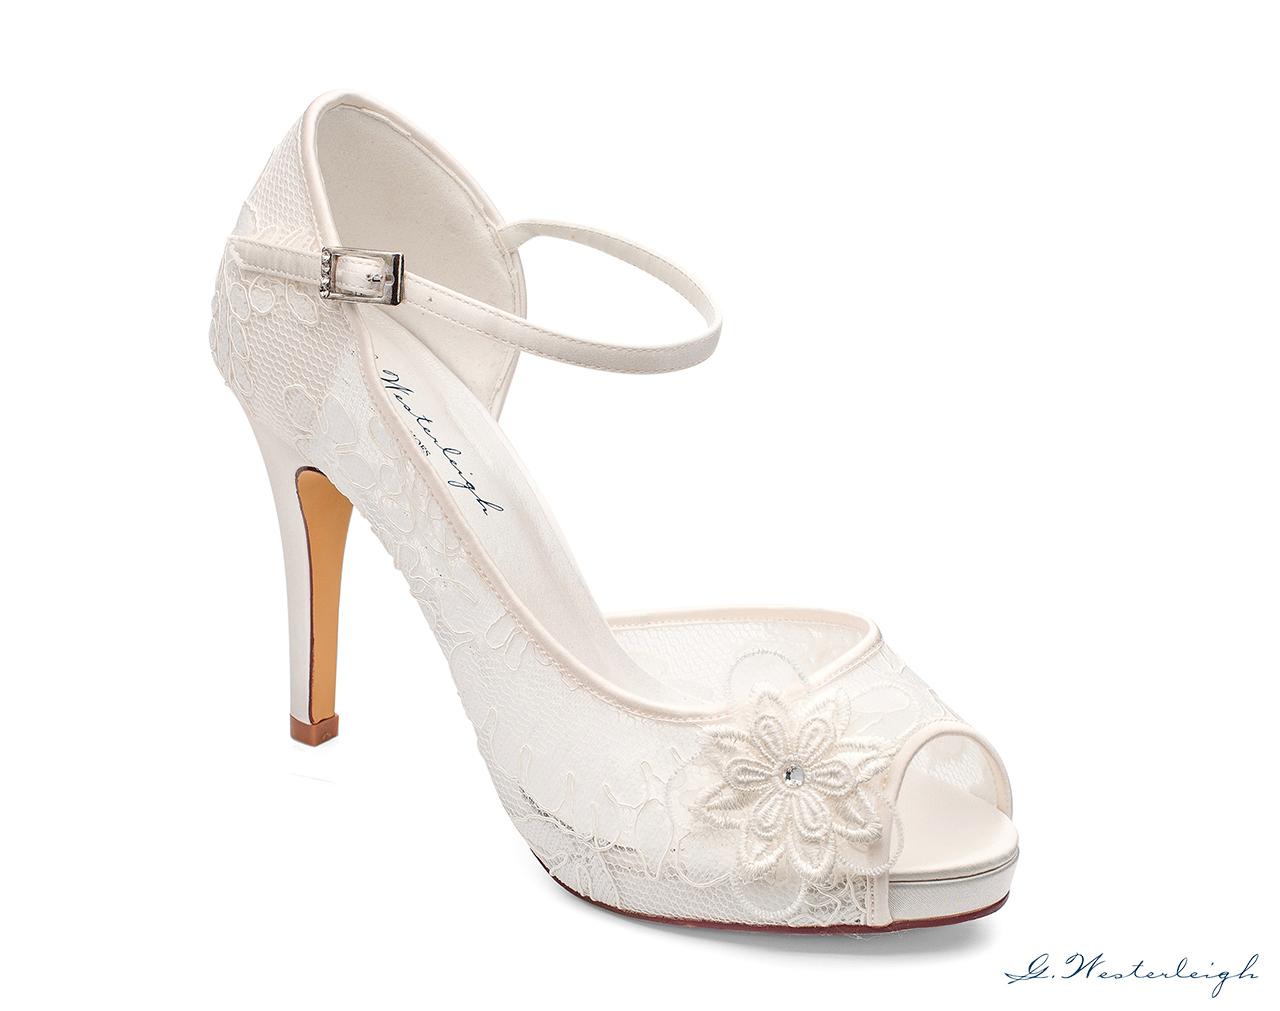 LOLA - Westerleigh cipő. 29.900 Ft. 11 cm sarok